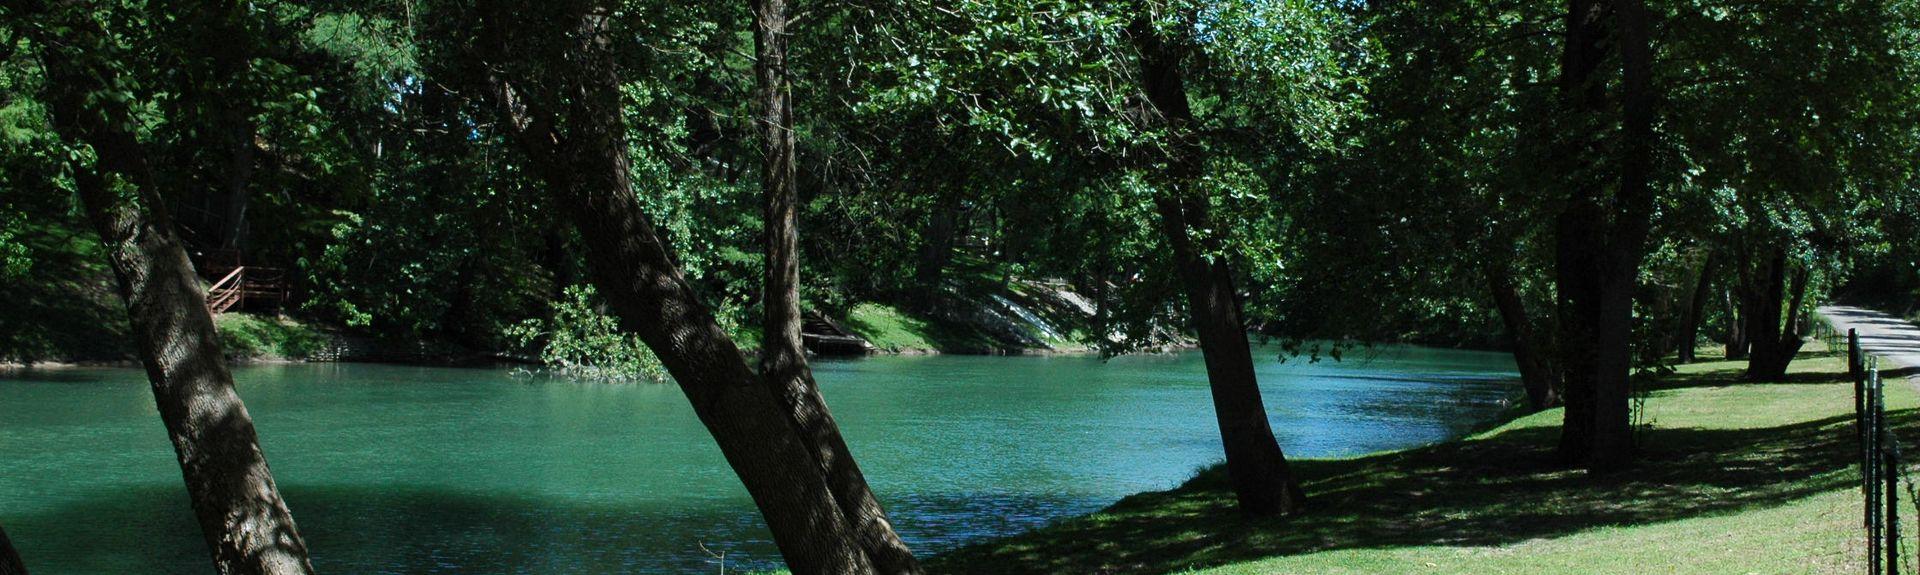 Rio Vista Park, San Marcos, TX, USA